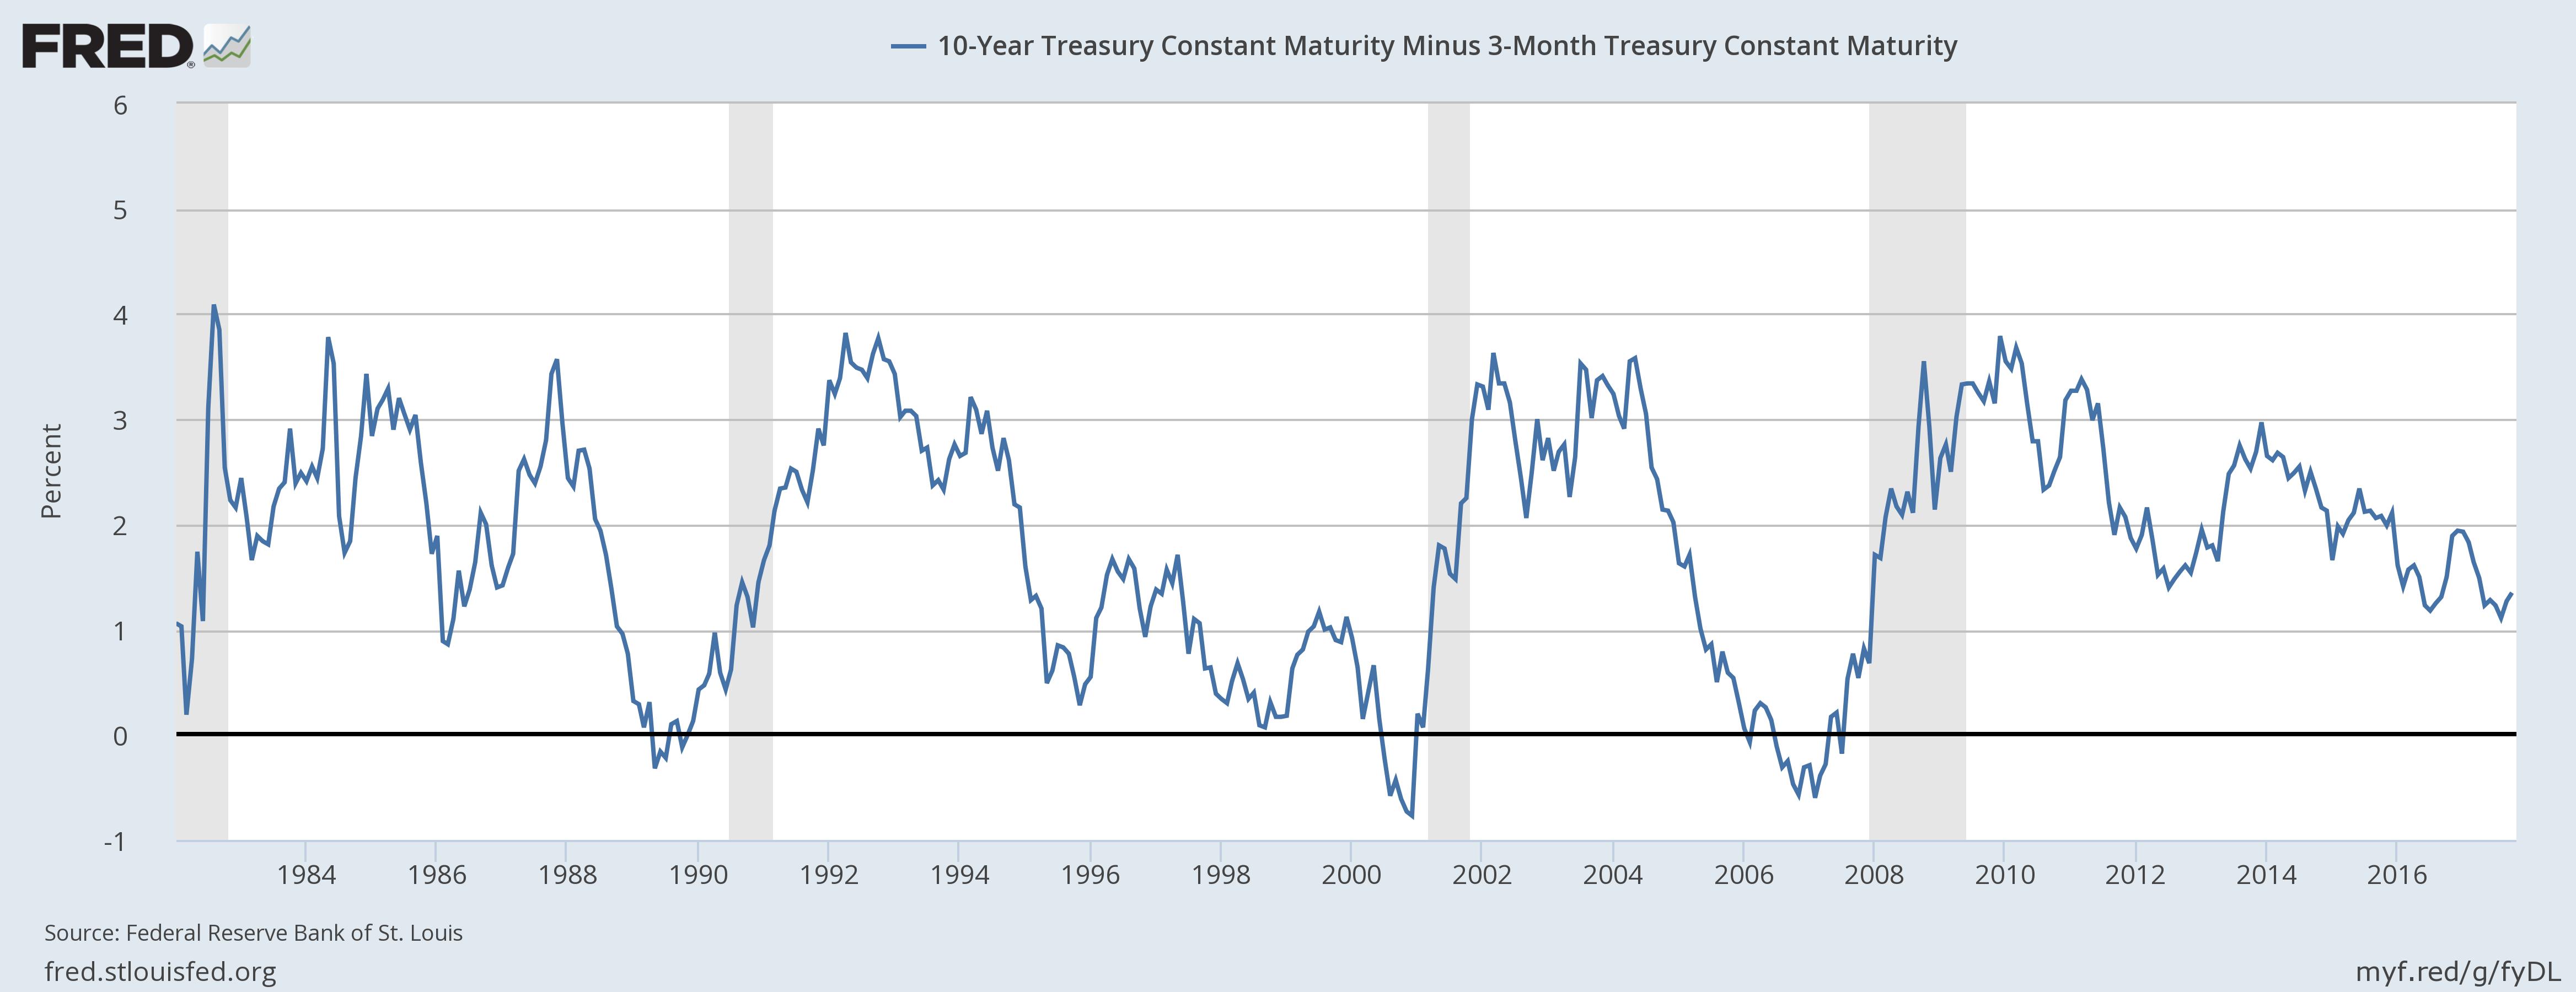 Constant maturity treasury index